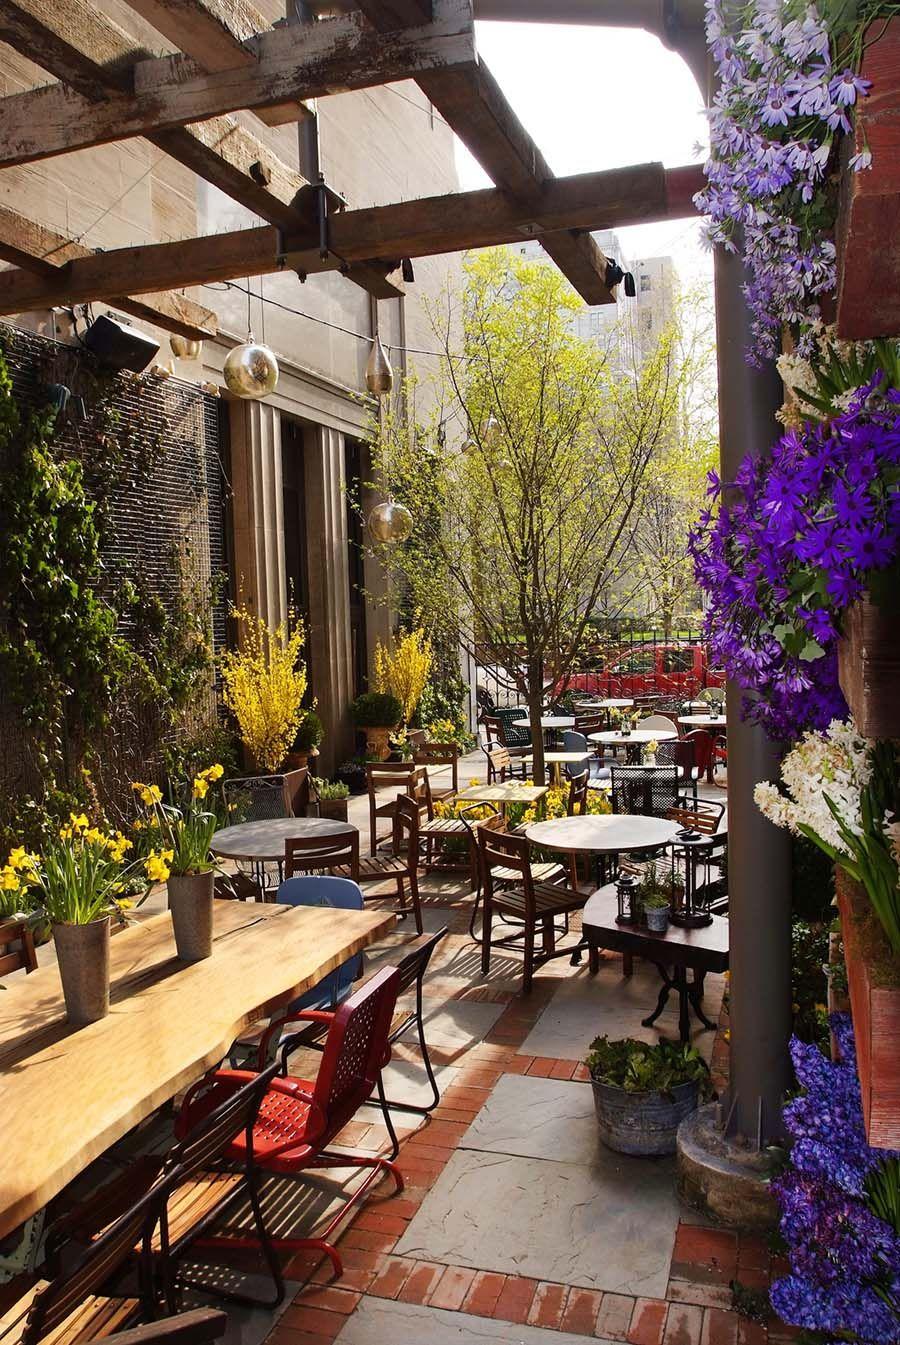 talulas garden restaurant - Talulas Garden